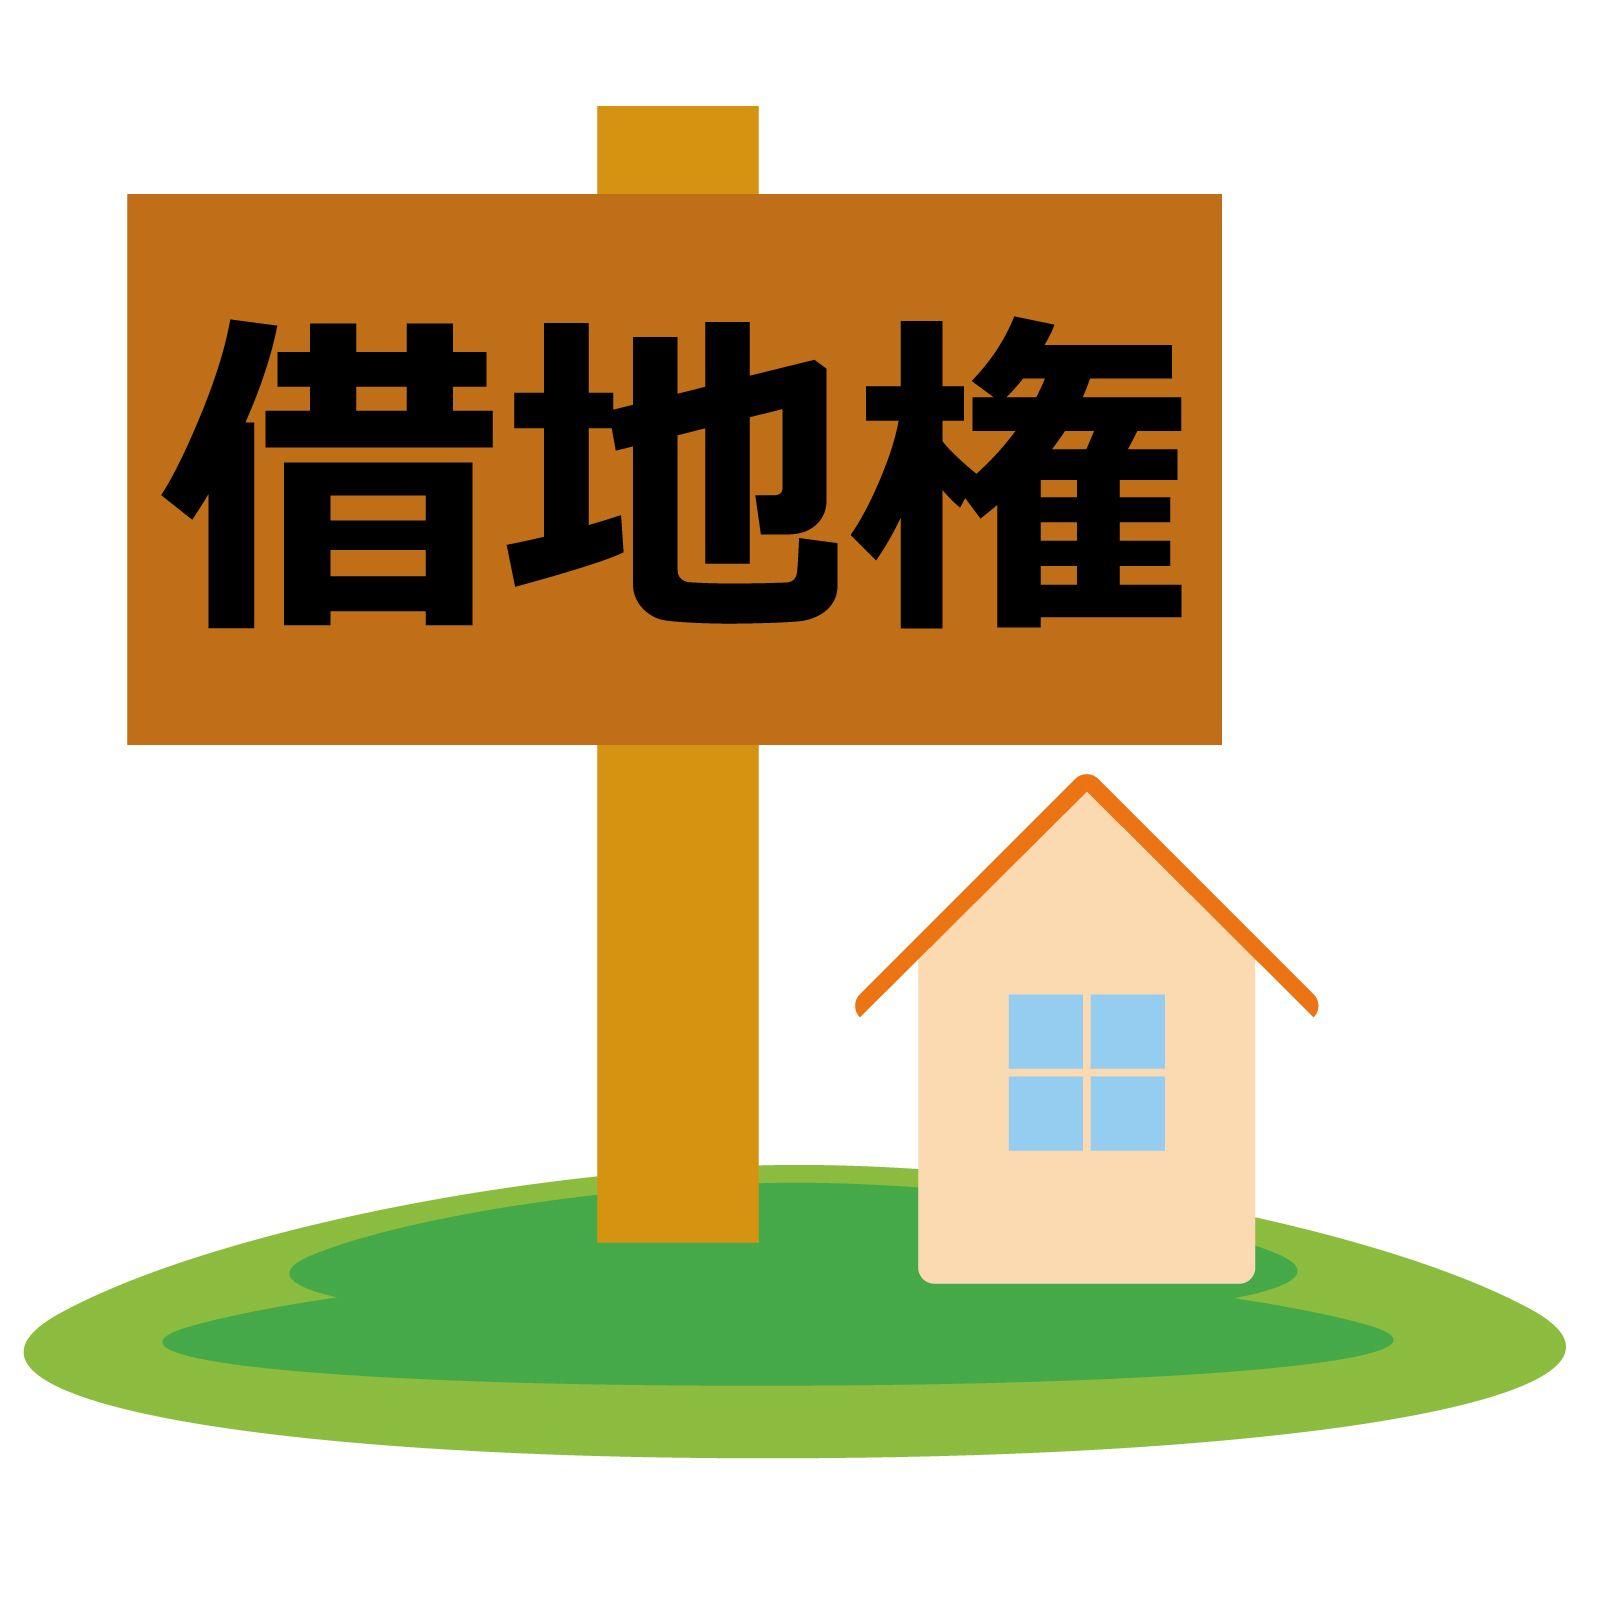 借地権は売れますか?